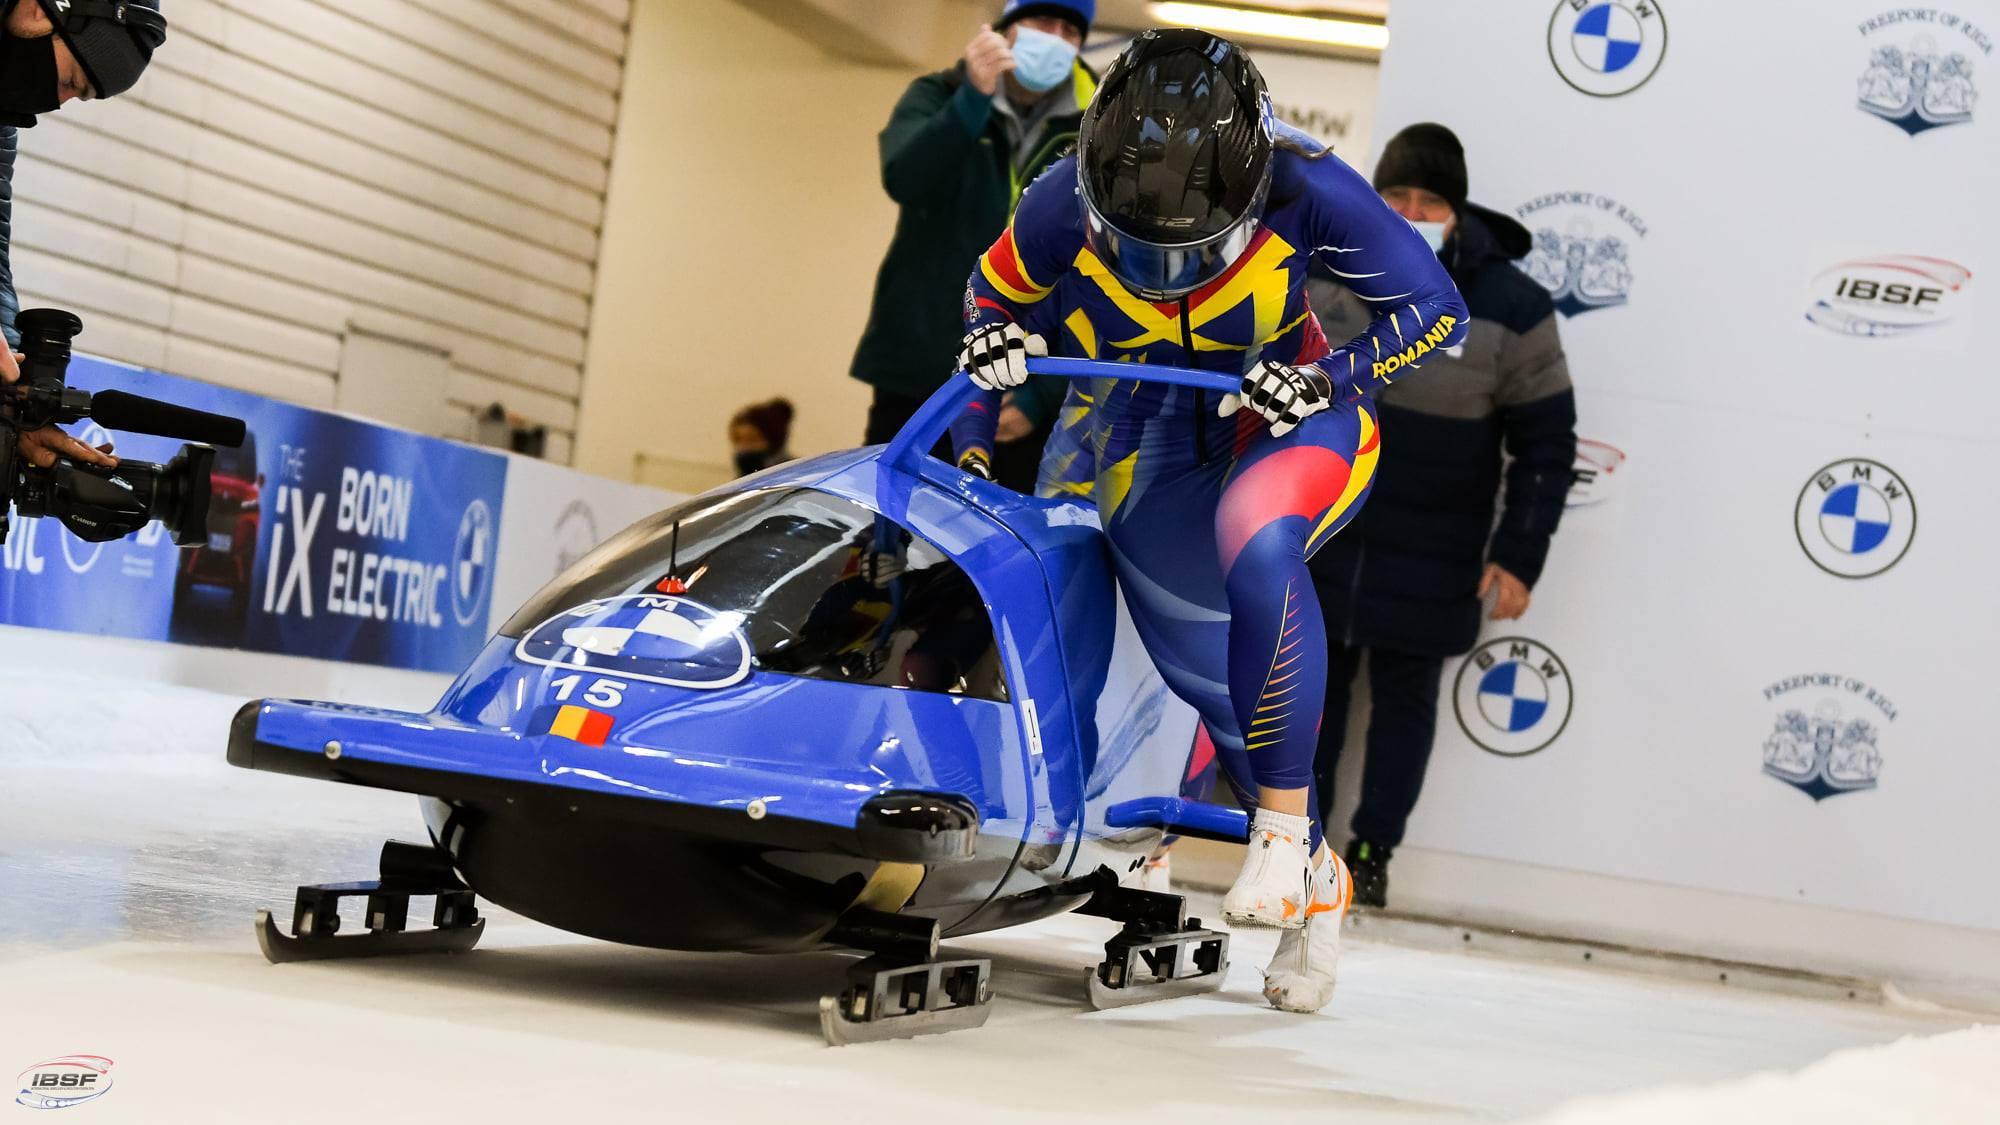 România, în top 10 la Mondialele de bob din Germania